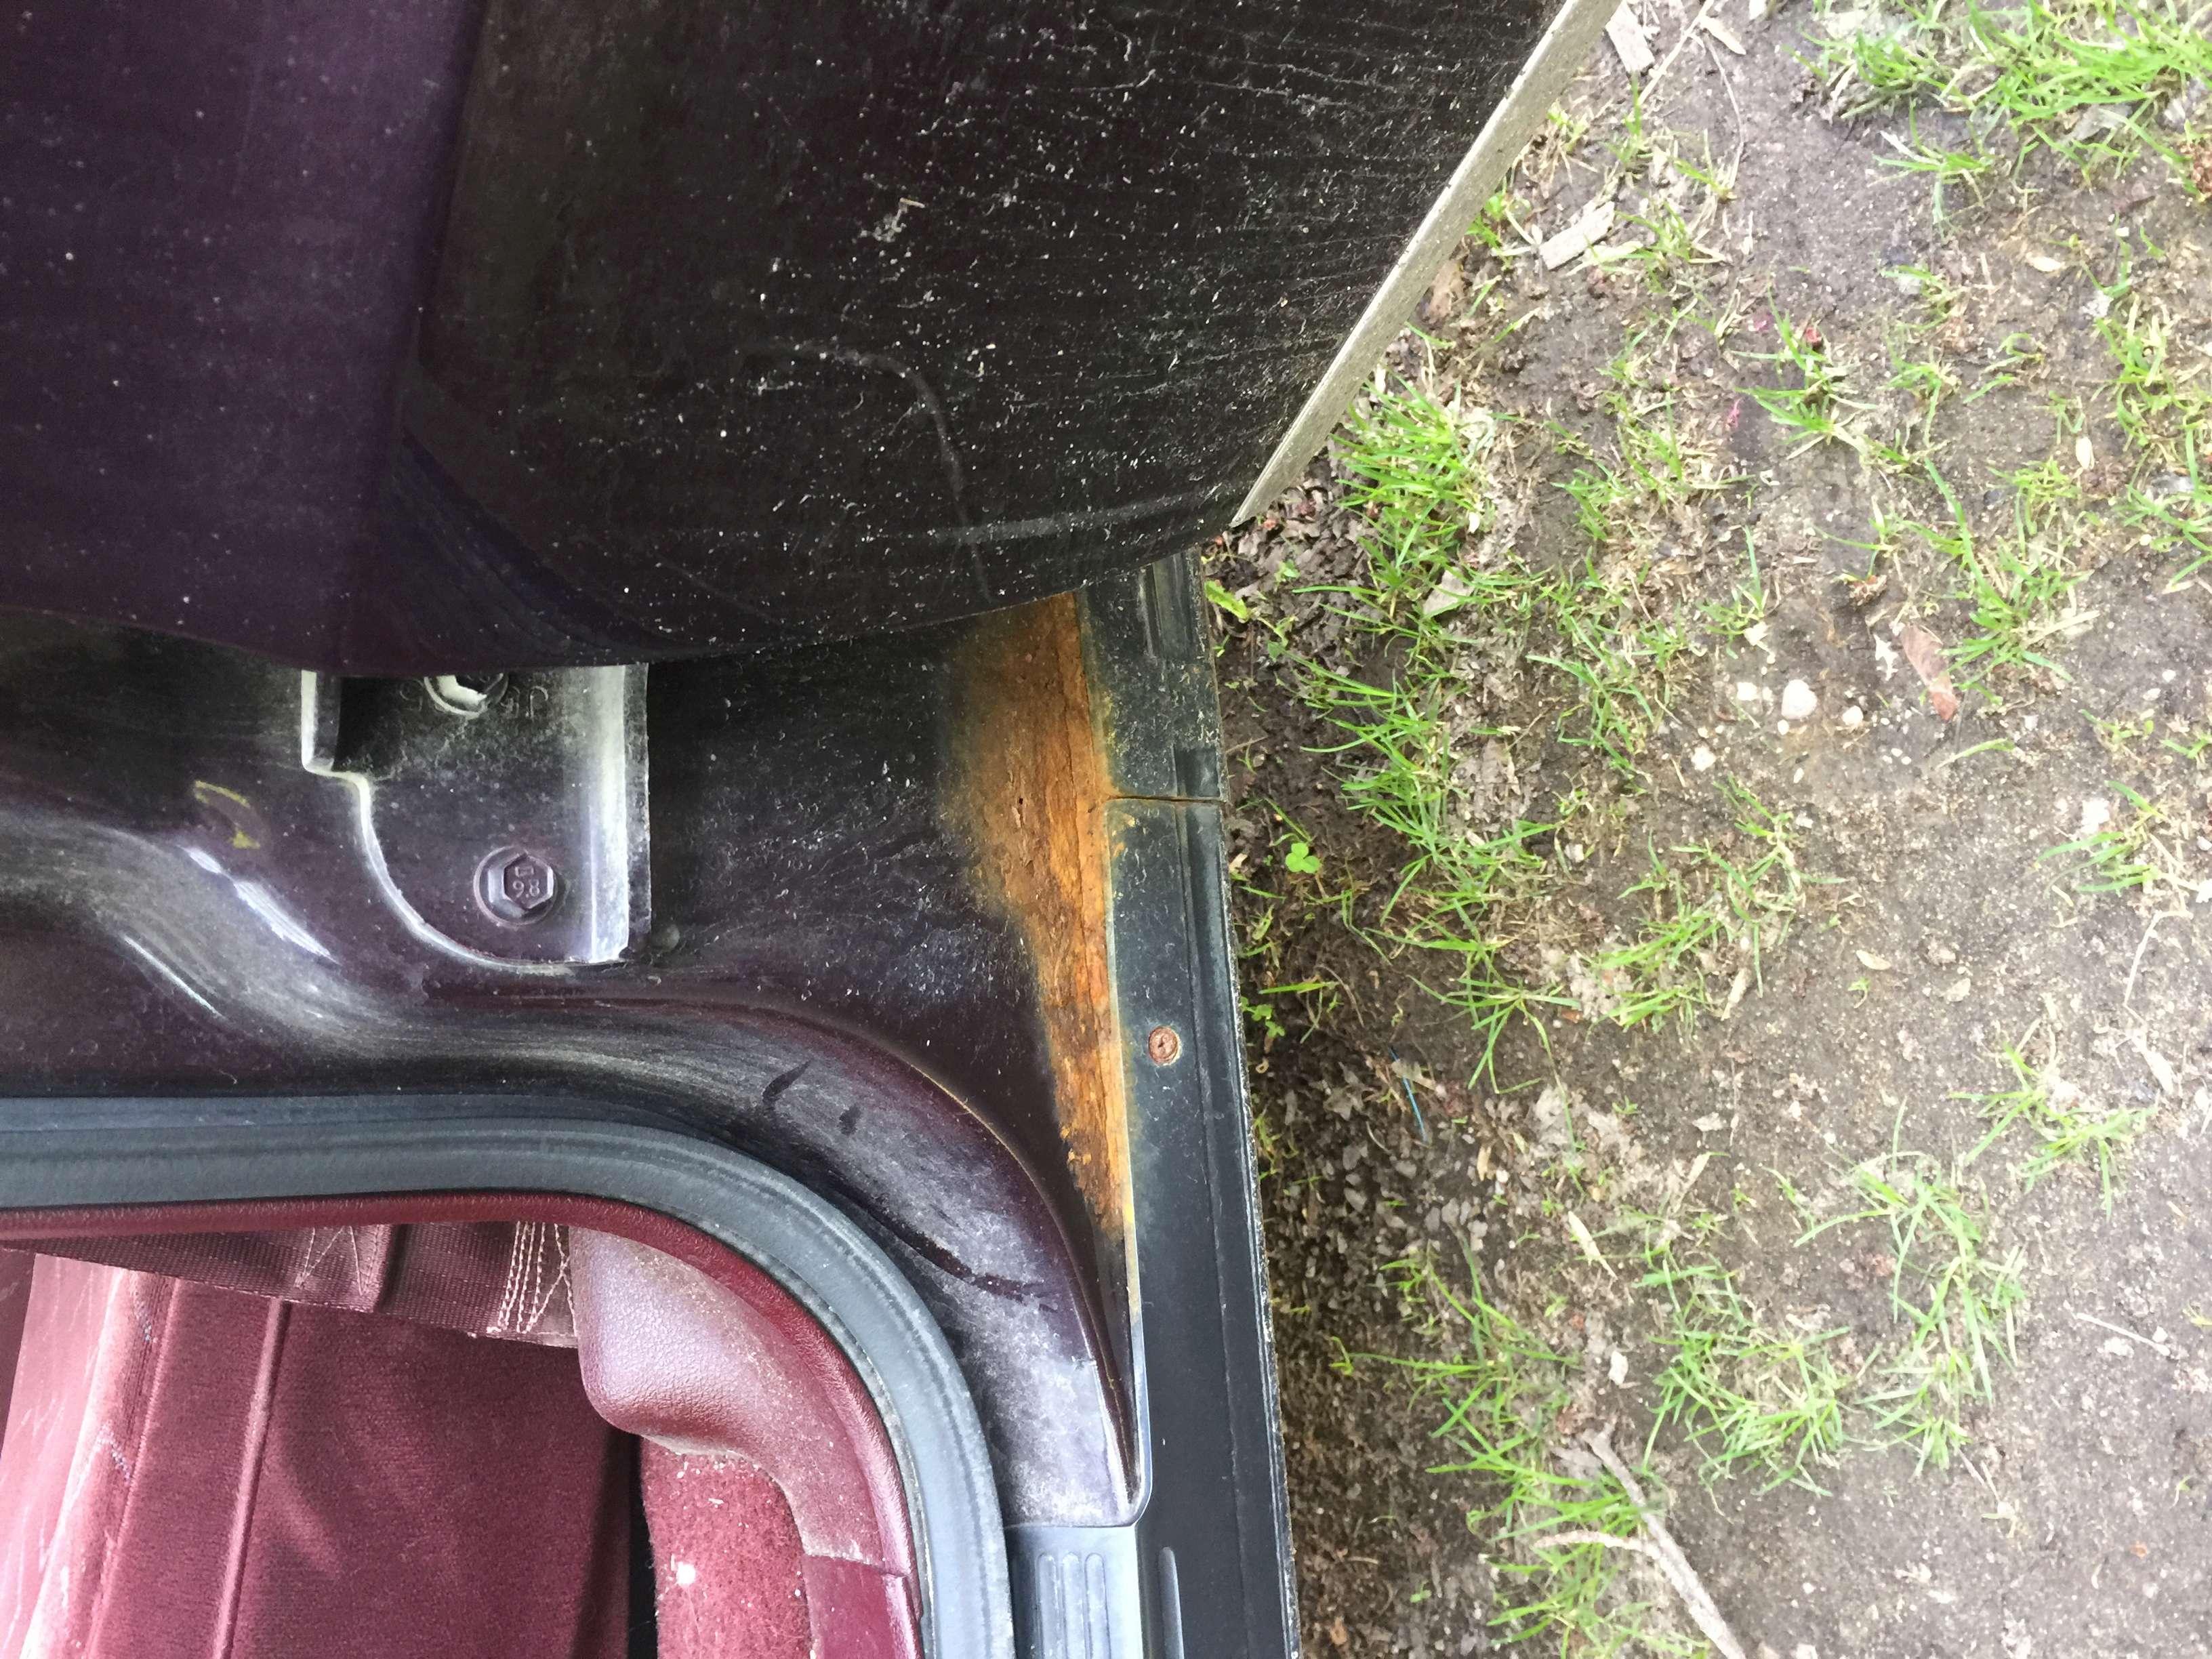 3TONFUN '95 Caprice Wagon 9f204010